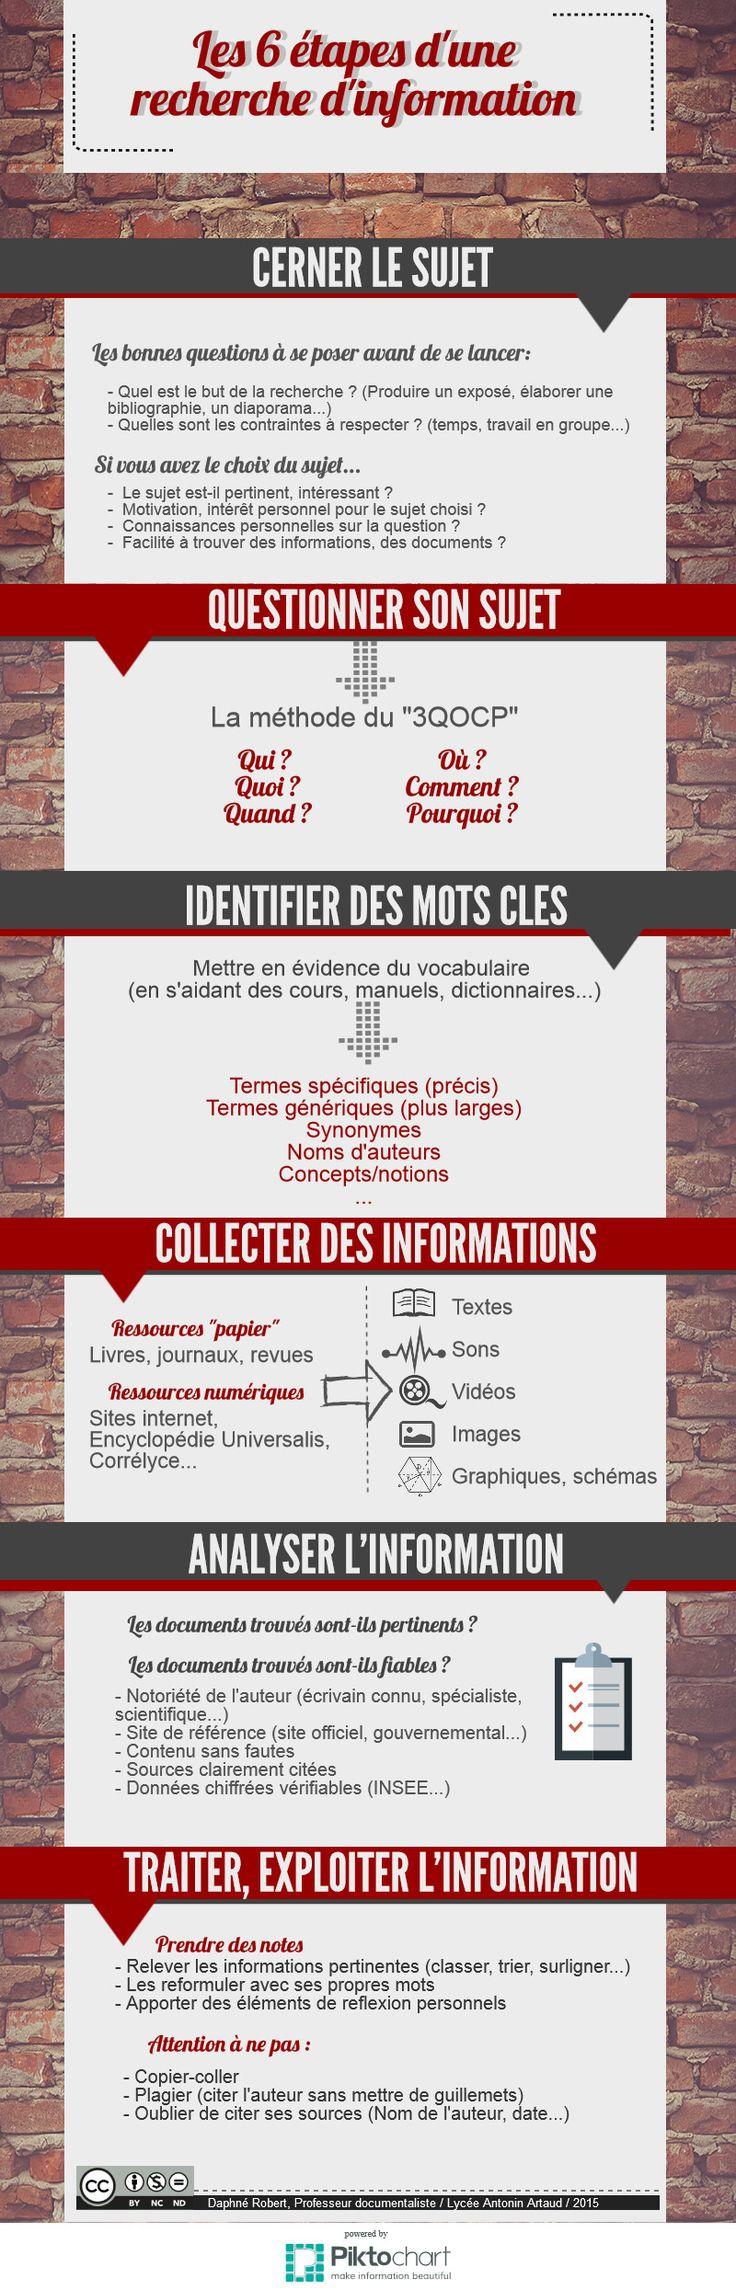 Recherche d'information | Piktochart Infographic Editor